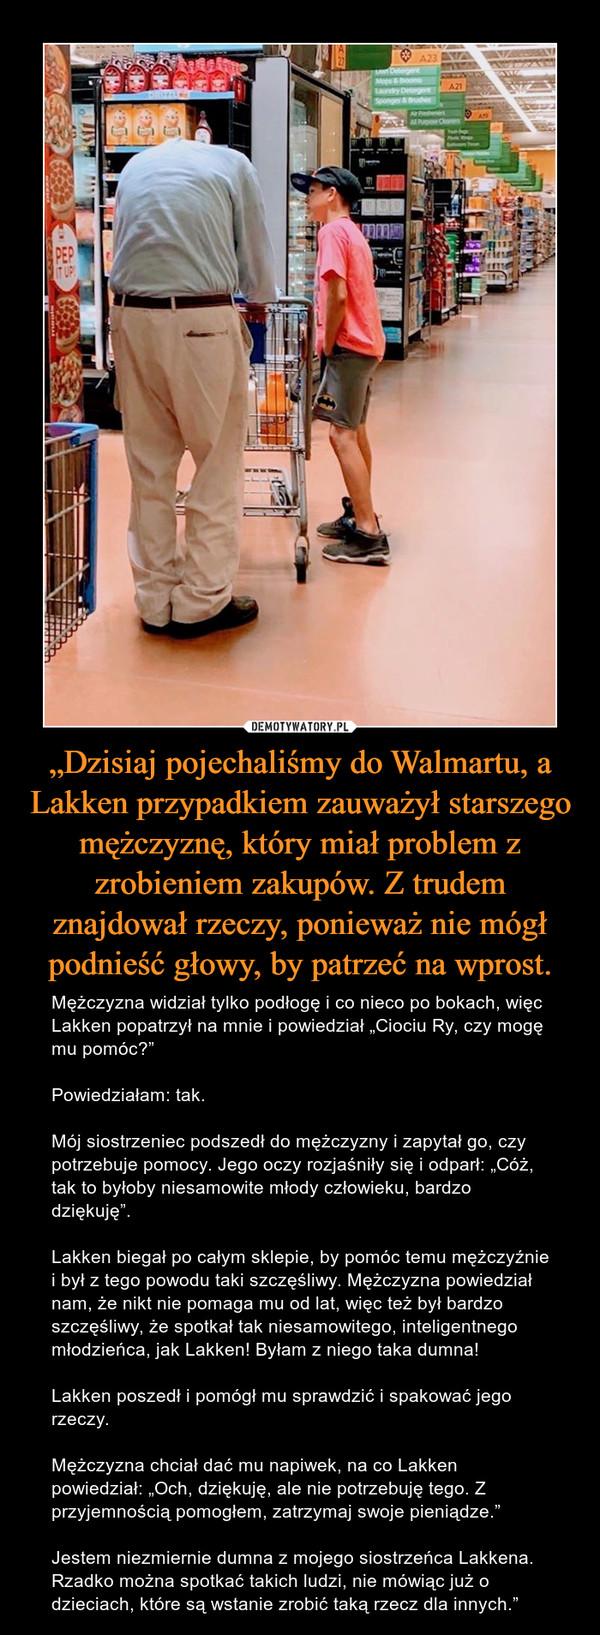 """""""Dzisiaj pojechaliśmy do Walmartu, a Lakken przypadkiem zauważył starszego mężczyznę, który miał problem z zrobieniem zakupów. Z trudem znajdował rzeczy, ponieważ nie mógł podnieść głowy, by patrzeć na wprost. – Mężczyzna widział tylko podłogę i co nieco po bokach, więc Lakken popatrzył na mnie i powiedział """"Ciociu Ry, czy mogę mu pomóc?""""Powiedziałam: tak.Mój siostrzeniec podszedł do mężczyzny i zapytał go, czy potrzebuje pomocy. Jego oczy rozjaśniły się i odparł: """"Cóż, tak to byłoby niesamowite młody człowieku, bardzo dziękuję"""".Lakken biegał po całym sklepie, by pomóc temu mężczyźnie i był z tego powodu taki szczęśliwy. Mężczyzna powiedział nam, że nikt nie pomaga mu od lat, więc też był bardzo szczęśliwy, że spotkał tak niesamowitego, inteligentnego młodzieńca, jak Lakken! Byłam z niego taka dumna!Lakken poszedł i pomógł mu sprawdzić i spakować jego rzeczy.Mężczyzna chciał dać mu napiwek, na co Lakken powiedział: """"Och, dziękuję, ale nie potrzebuję tego. Z przyjemnością pomogłem, zatrzymaj swoje pieniądze.""""Jestem niezmiernie dumna z mojego siostrzeńca Lakkena. Rzadko można spotkać takich ludzi, nie mówiąc już o dzieciach, które są wstanie zrobić taką rzecz dla innych."""""""